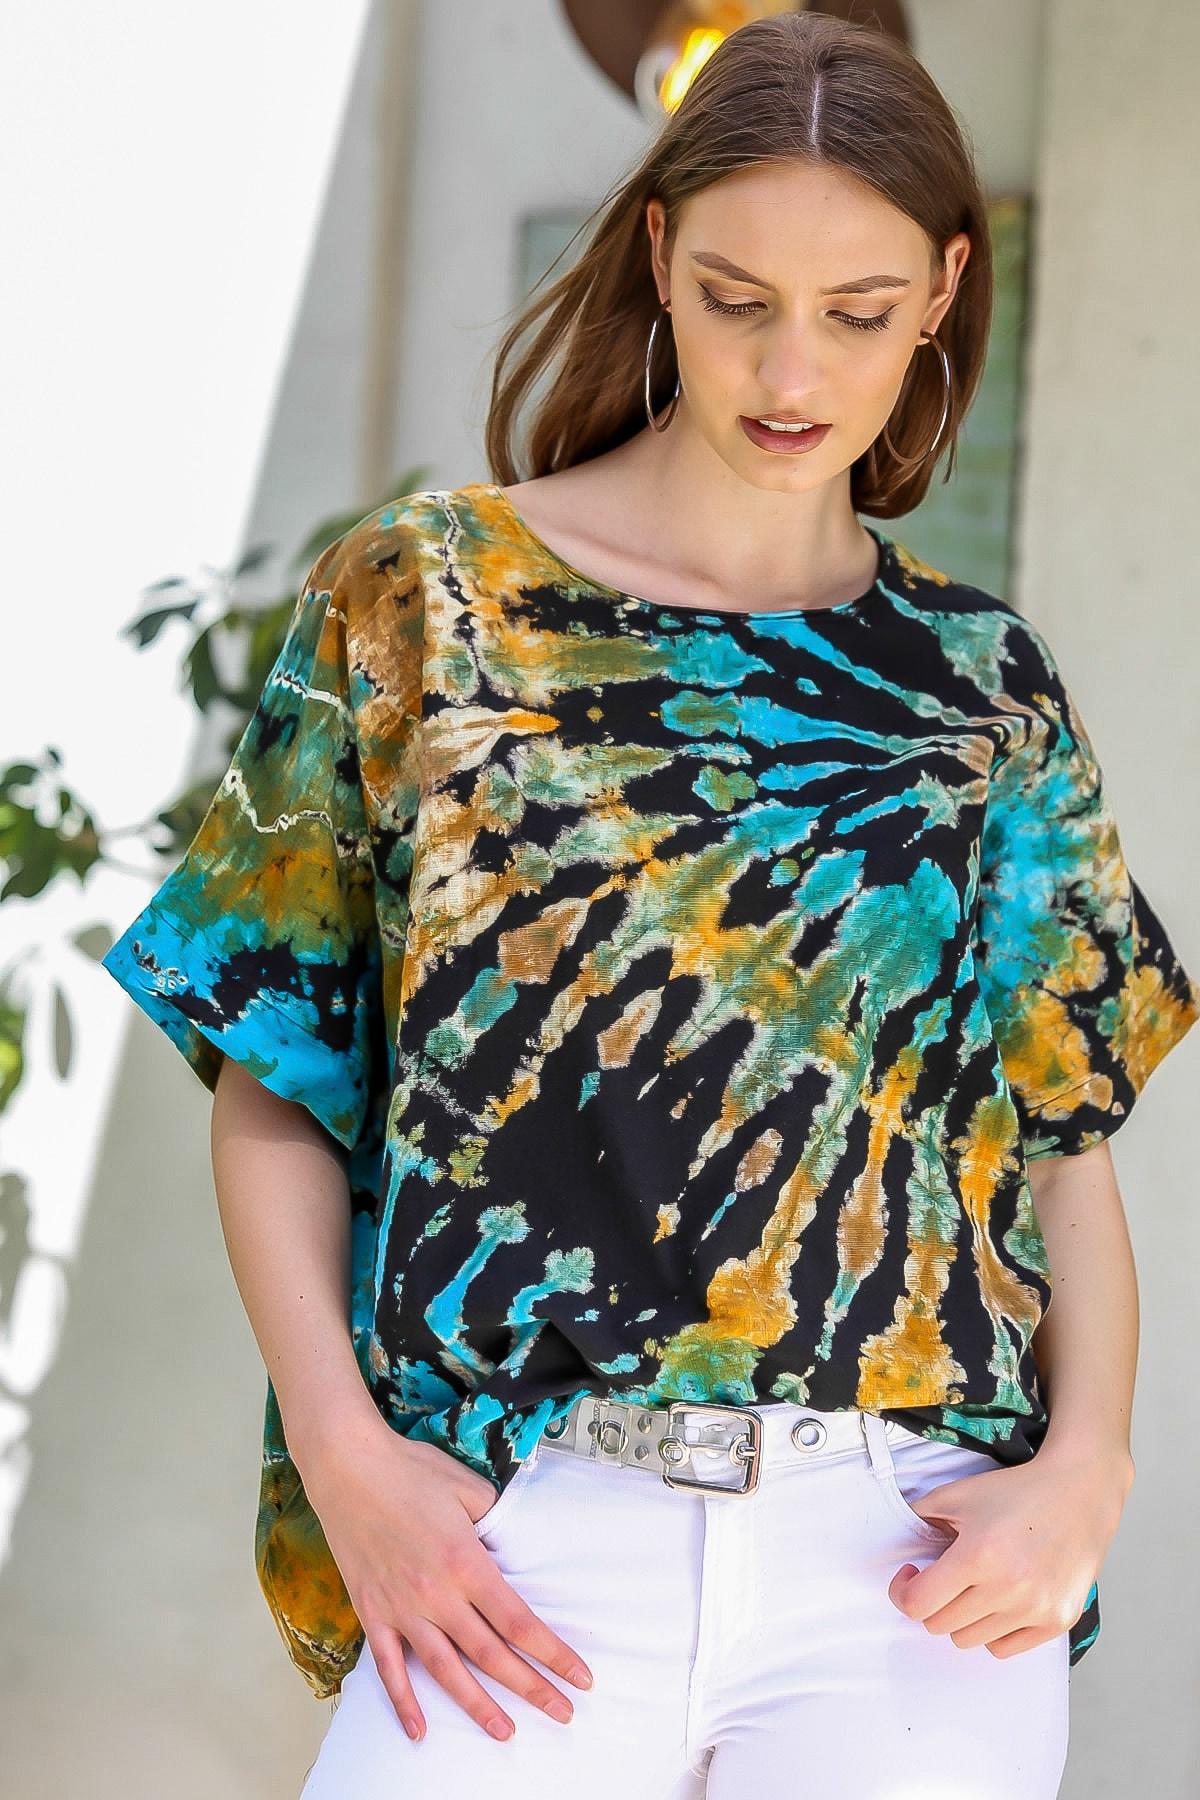 Chiccy Kadın Siyah-Mavi Sıfır Yaka Batik Desenli Dokuma Salaş Bluz M10010200BL95416